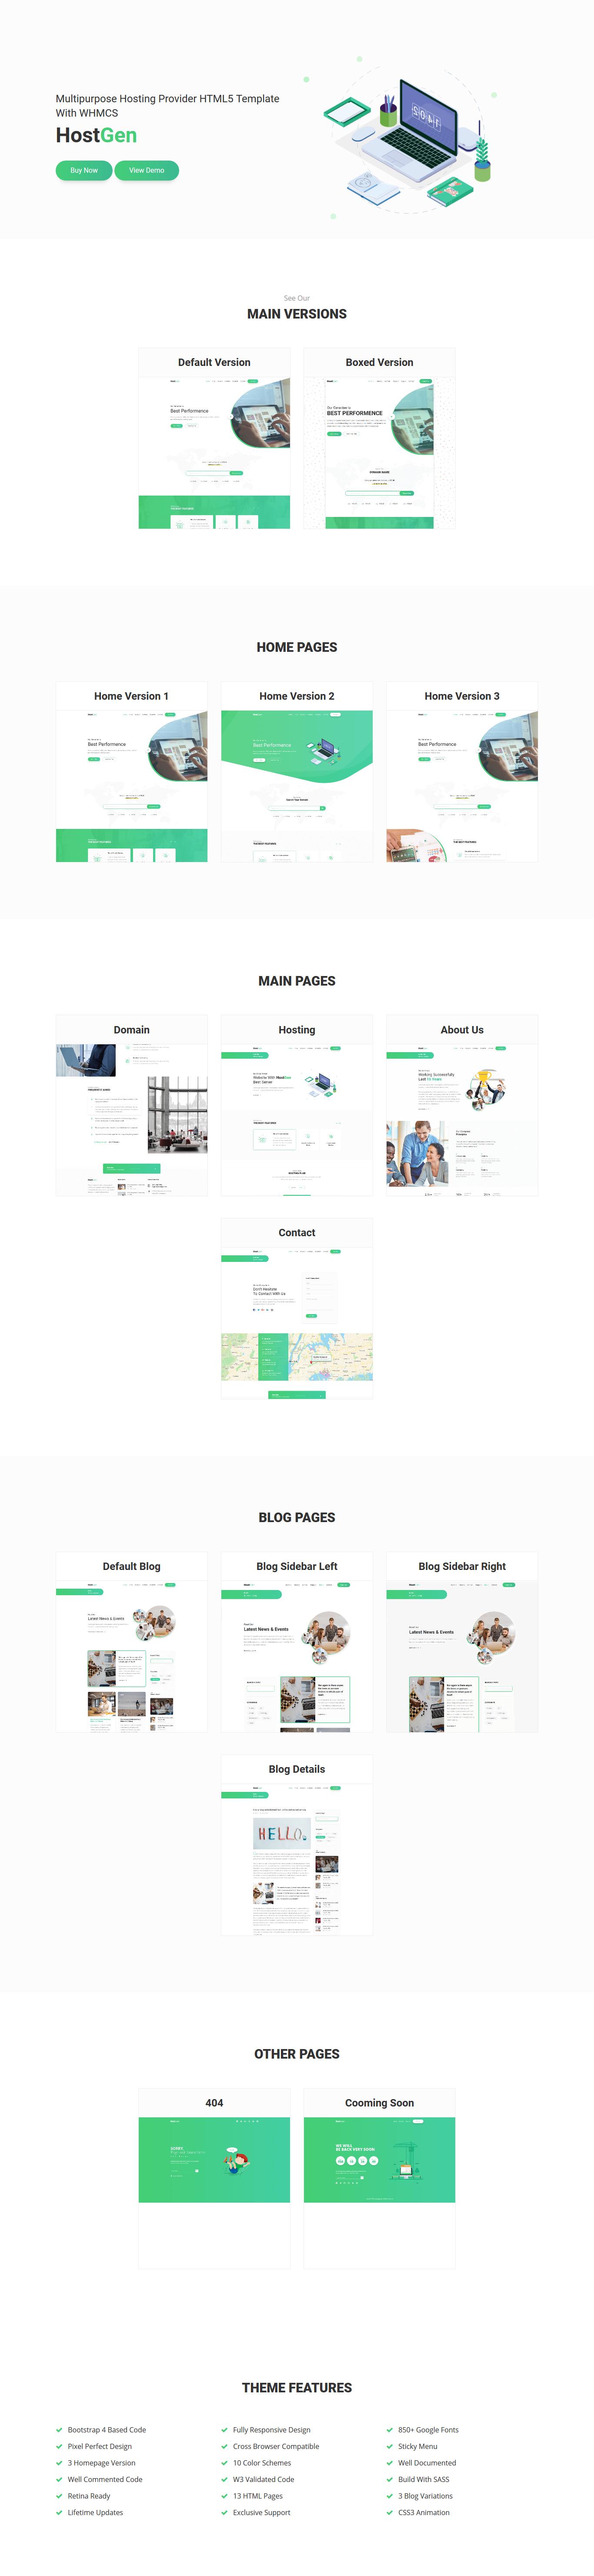 HostGen – Multipurpose Hosting Provider HTML5 Template With